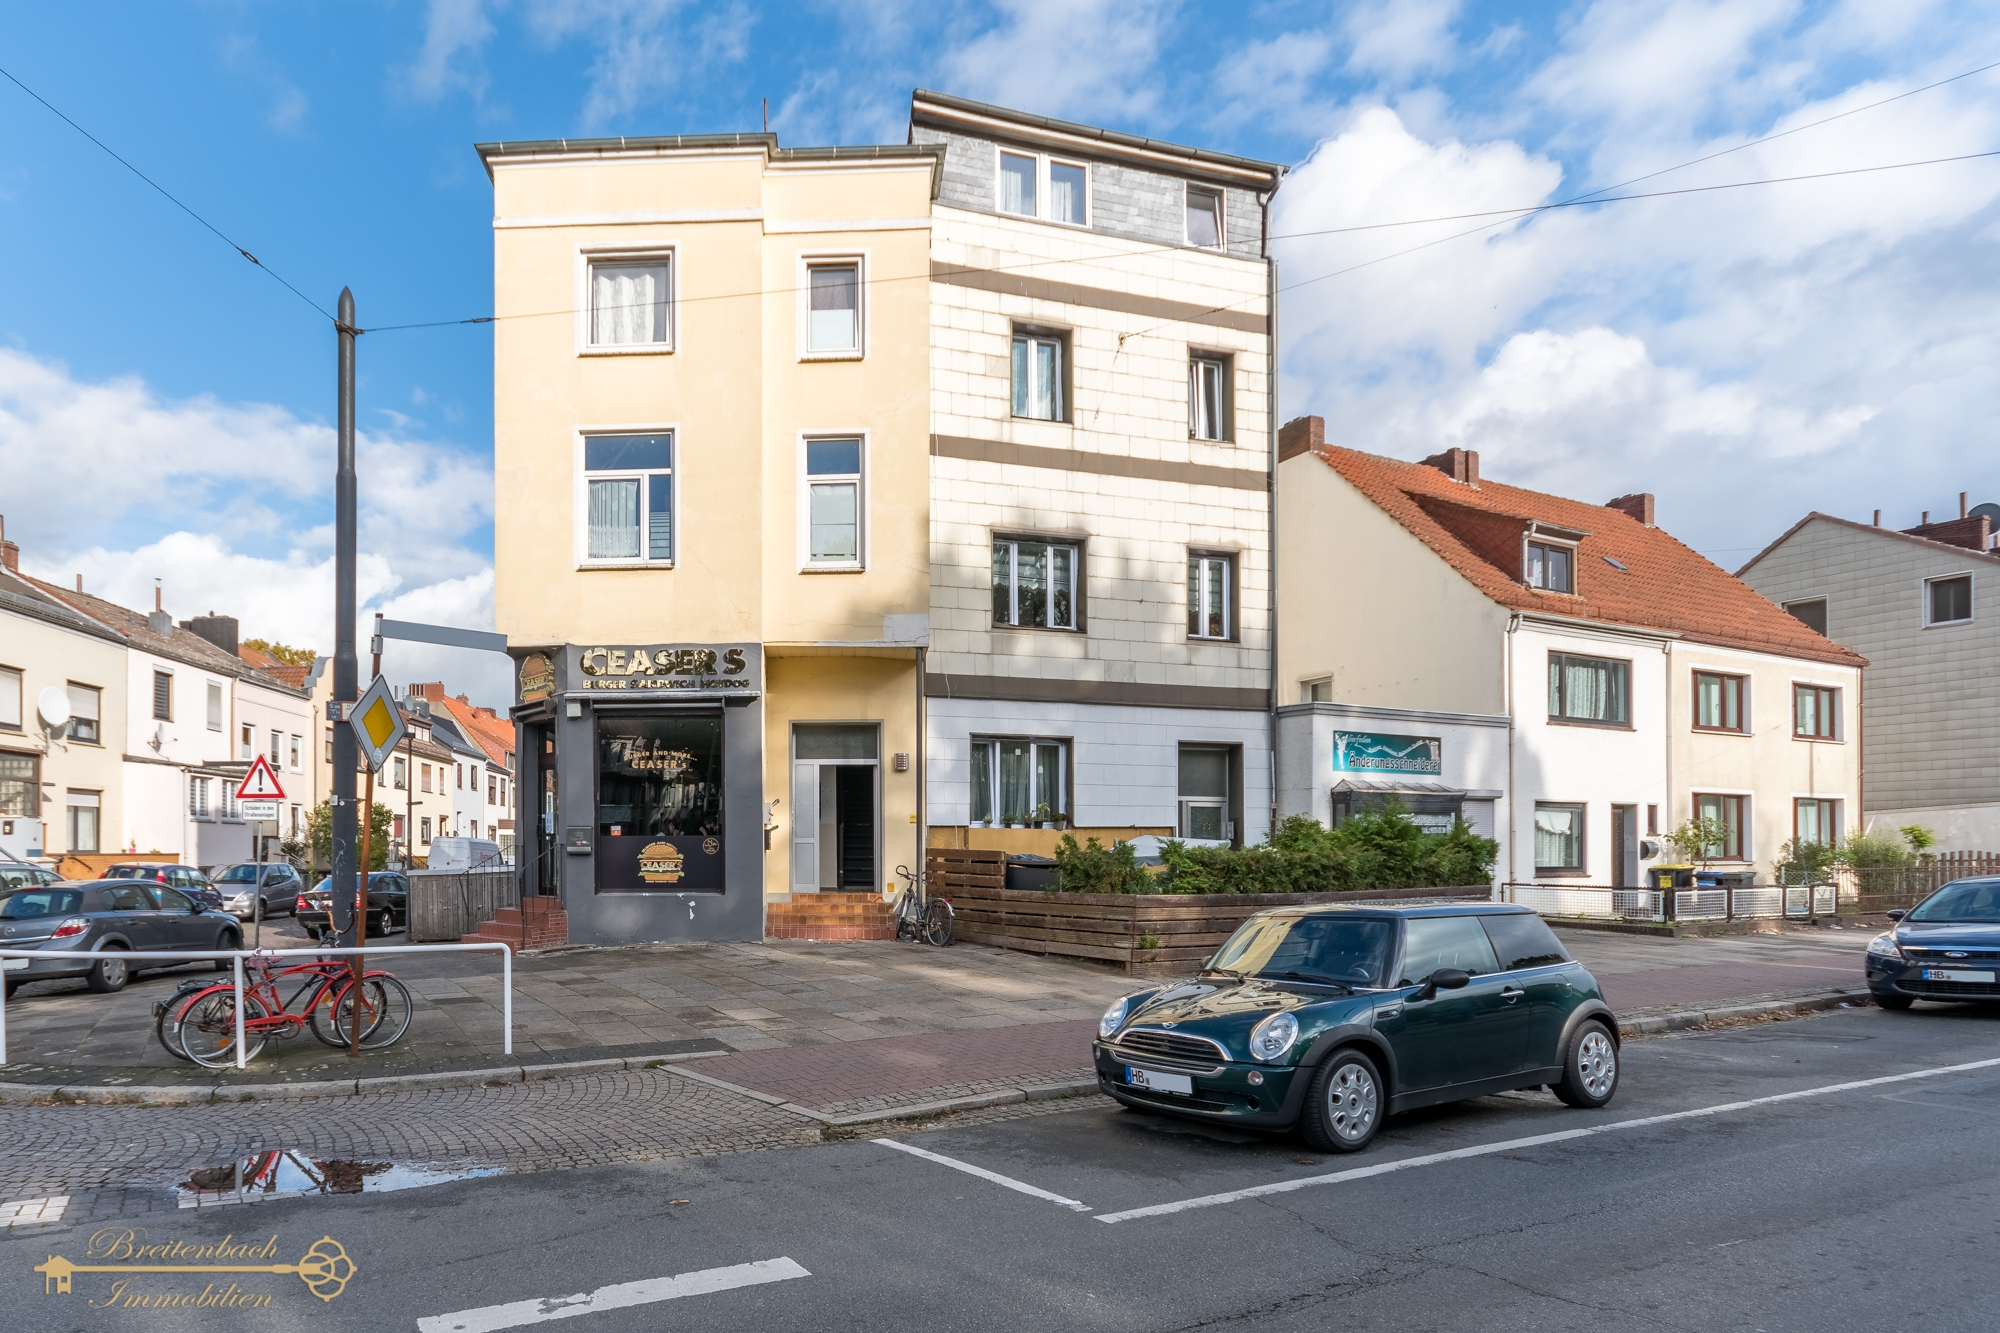 2020-10-18-Breitenbach-Immobilien-2